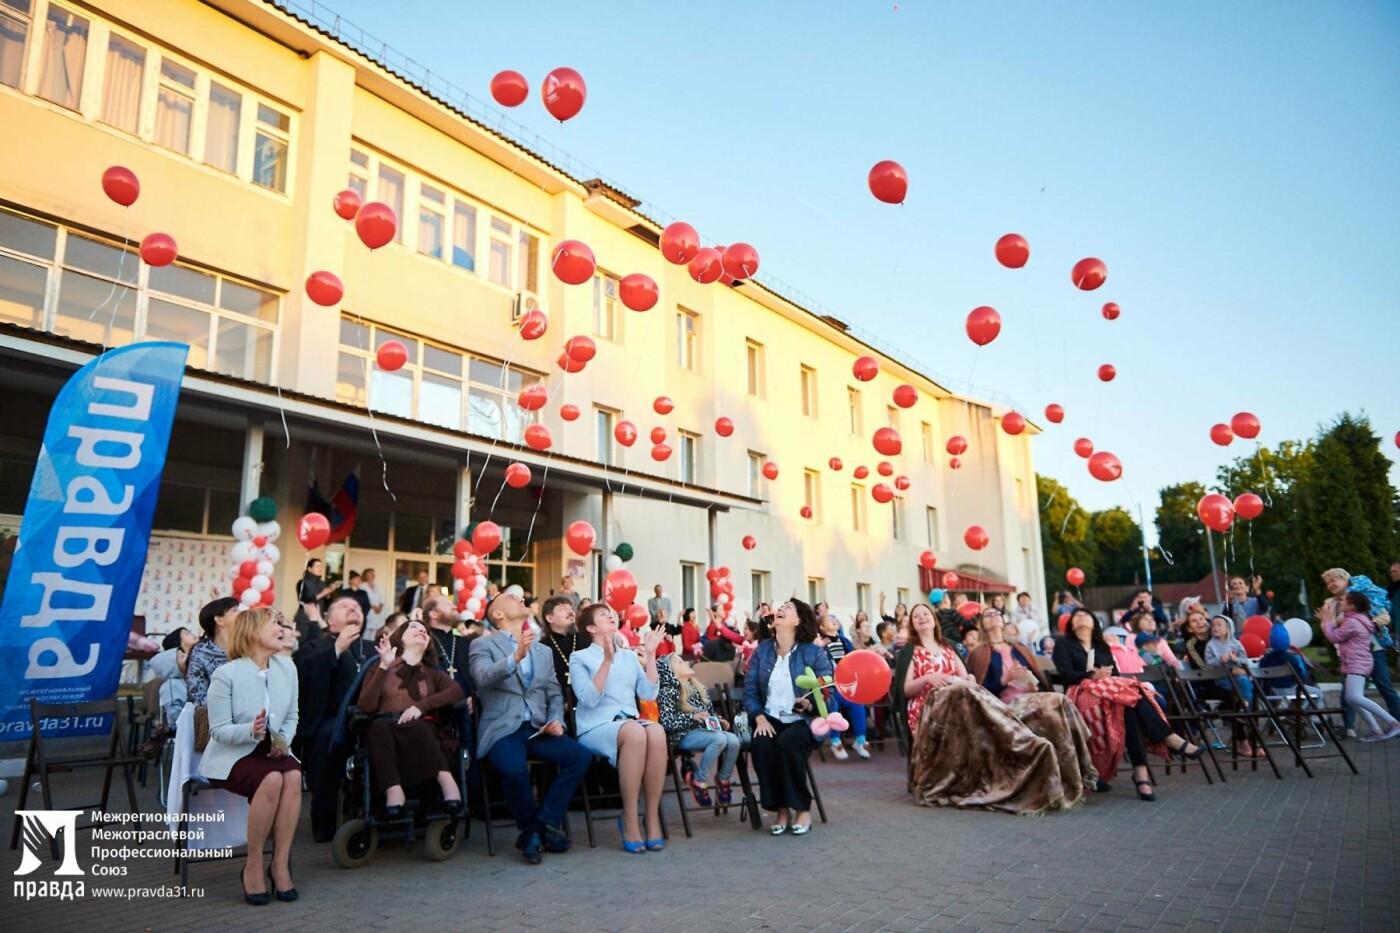 Профсоюз «Правда» вместе с белгородцами подарил тренажёры для реабилитации детей с особенностями здоровья, фото-9